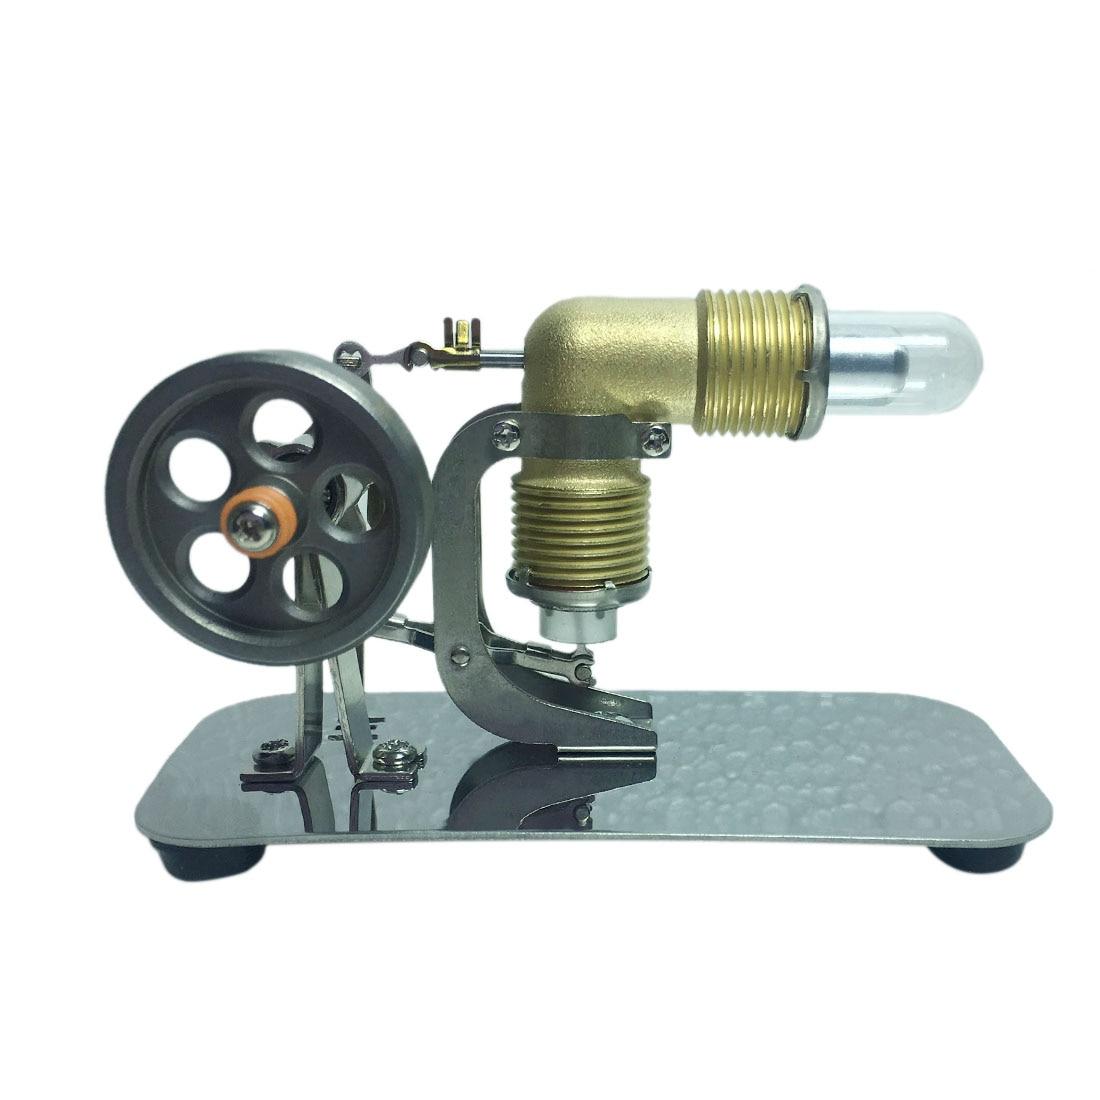 Haute température Stirling moteur modèle Science expérience Kit moteur modèle jouet pour enfants adultes 2019